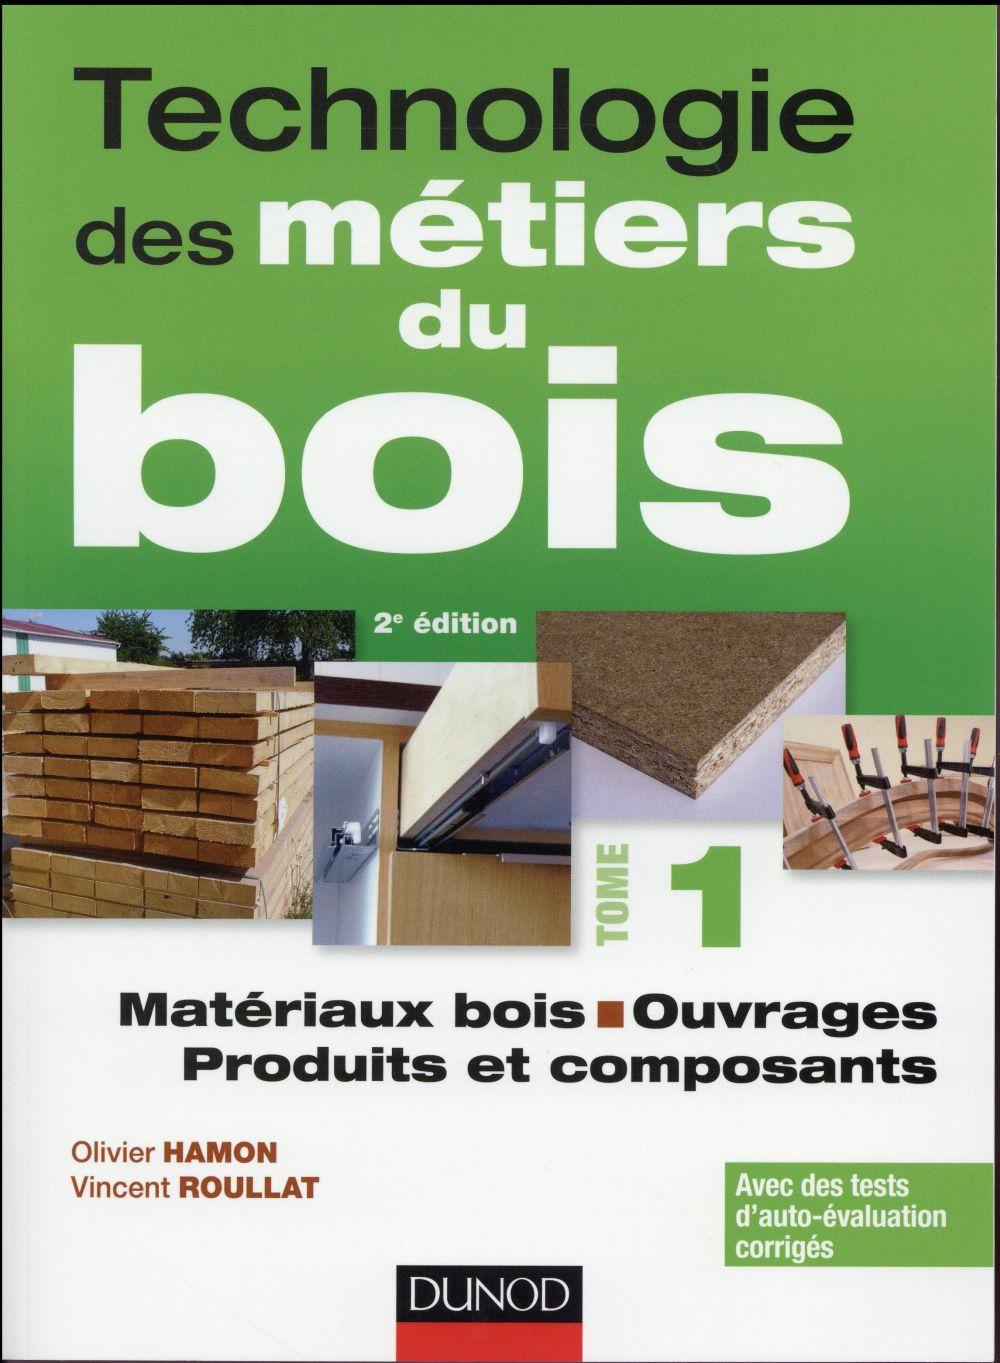 TECHNOLOGIE DES METIERS DU BOIS - TOME 1 - MATERIAUX BOIS - OUVRAGES - PRODUITS ET COMPOSANTS - 2ED HAMON / ROUILLAT Dunod